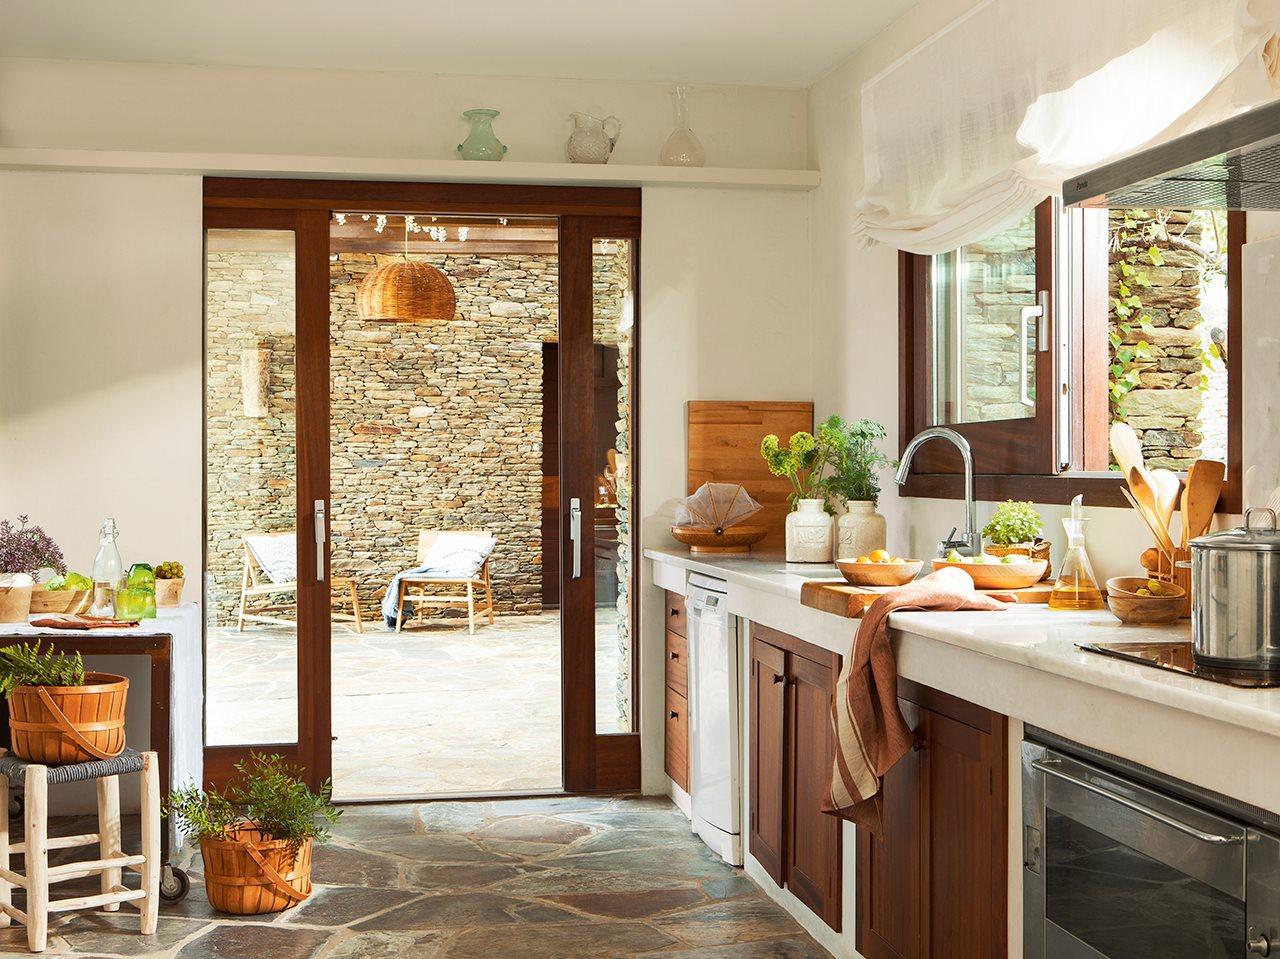 Una casa r stica con vistas a cadaqu s - Suelos para cocinas rusticas ...